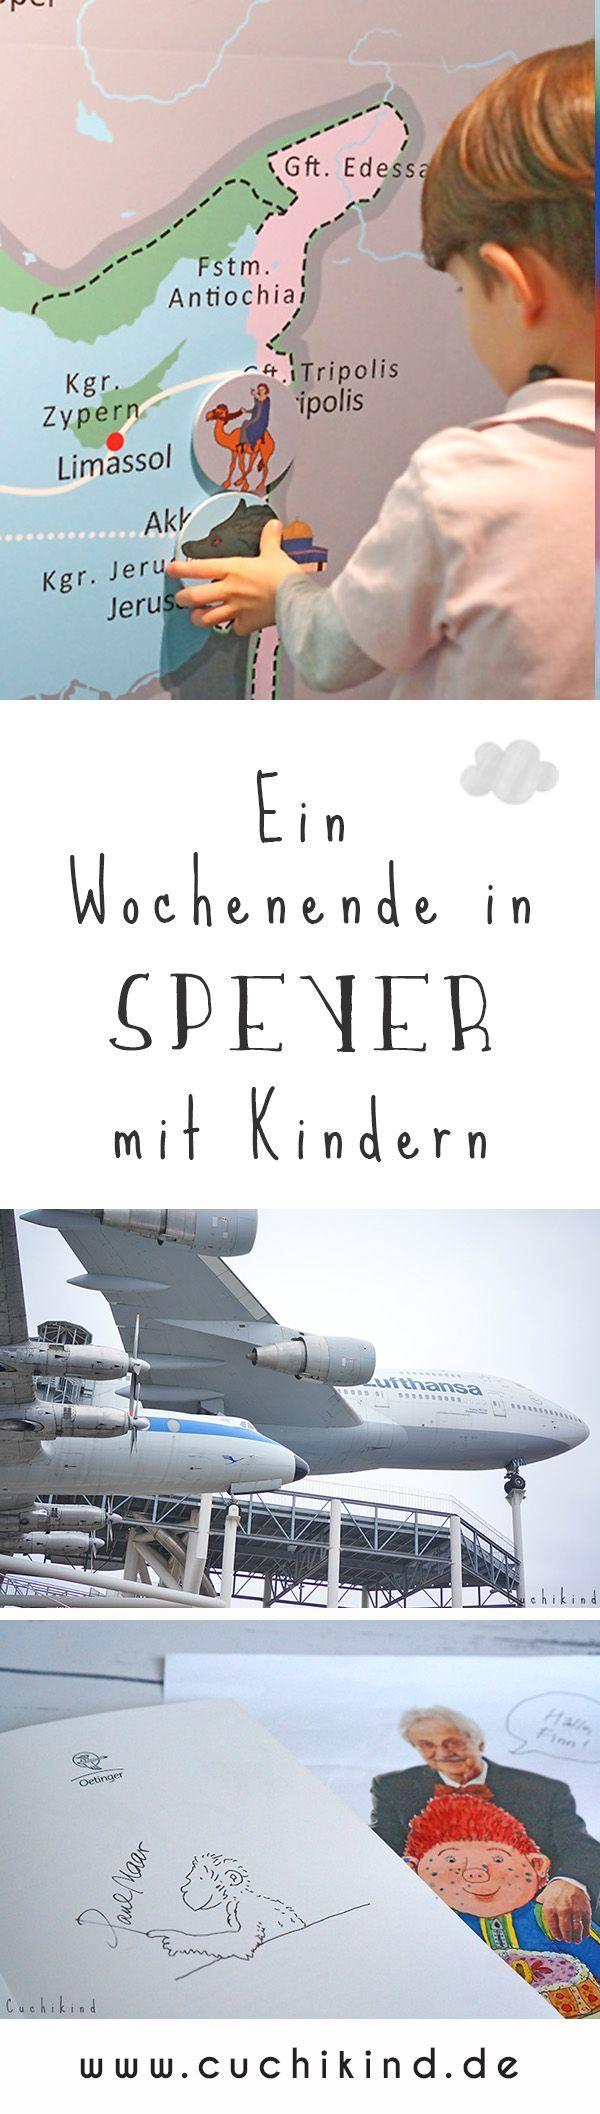 Ausflugstipp Speyer Mit Kindern Cuchikind Reisen Mit Kindern Reisen Mit Kleinkindern Ausflug